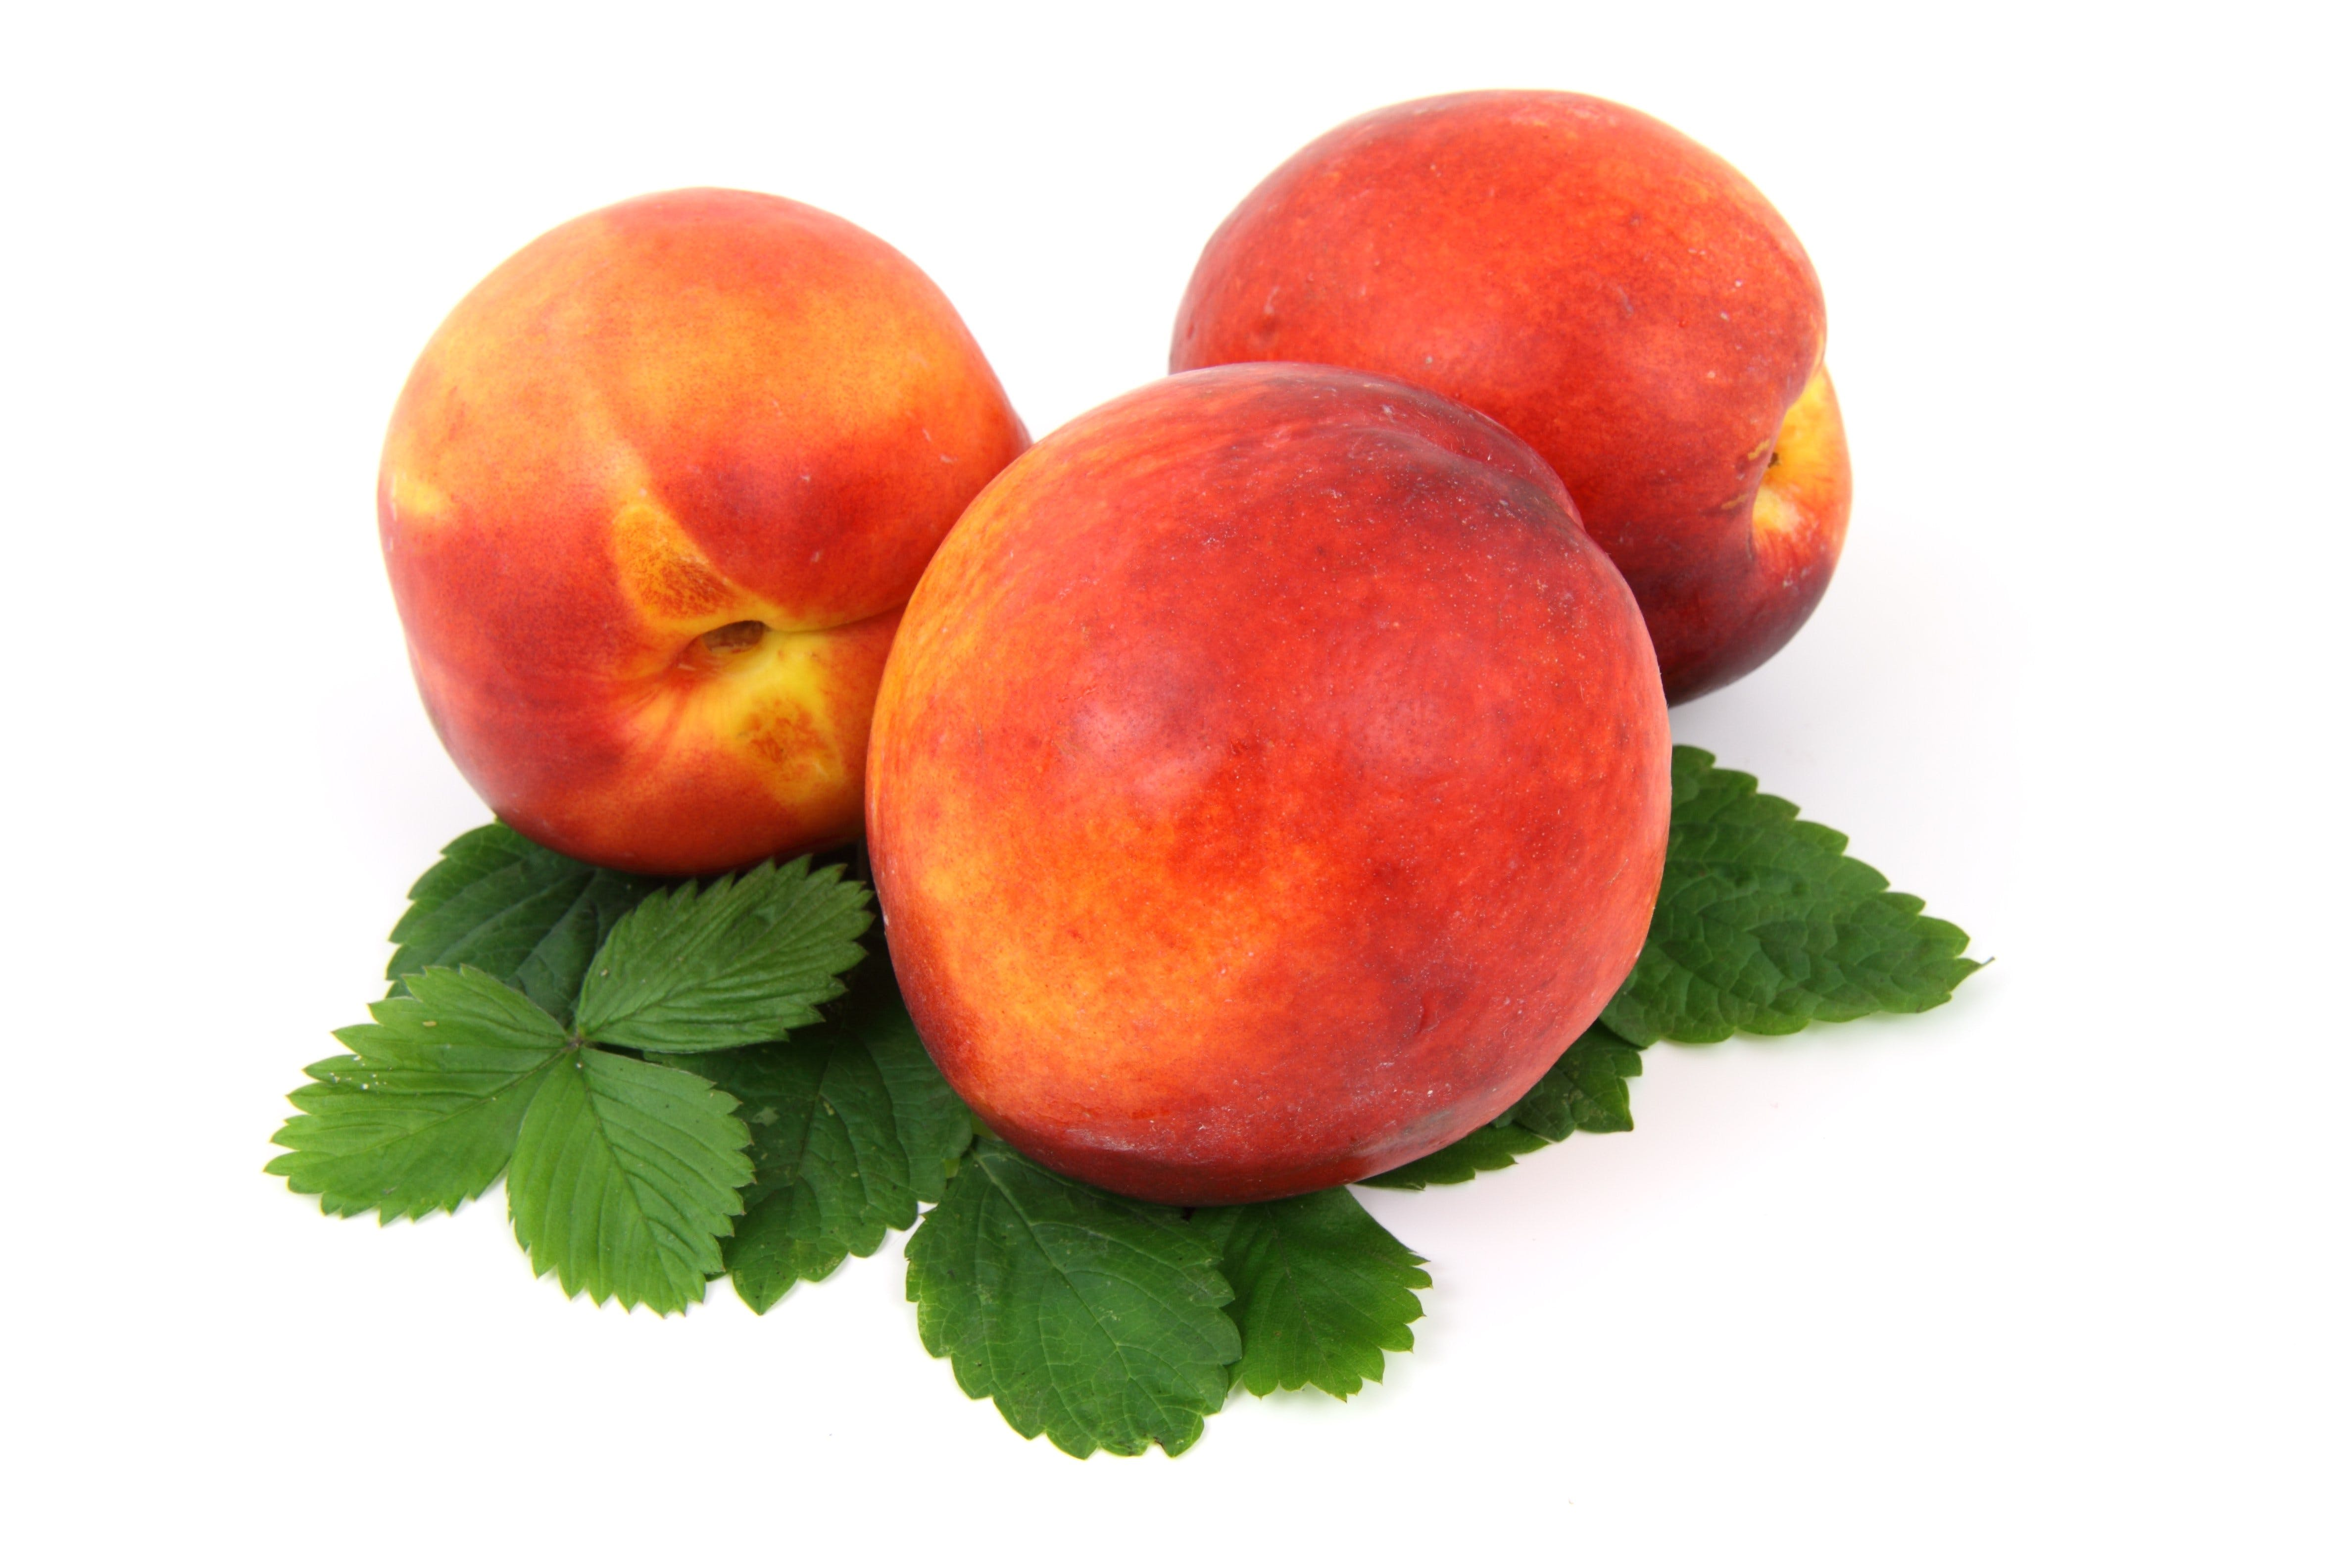 คลังภาพถ่ายฟรี ของ กินได้, ดิบ, ผลไม้, ลูกพีช